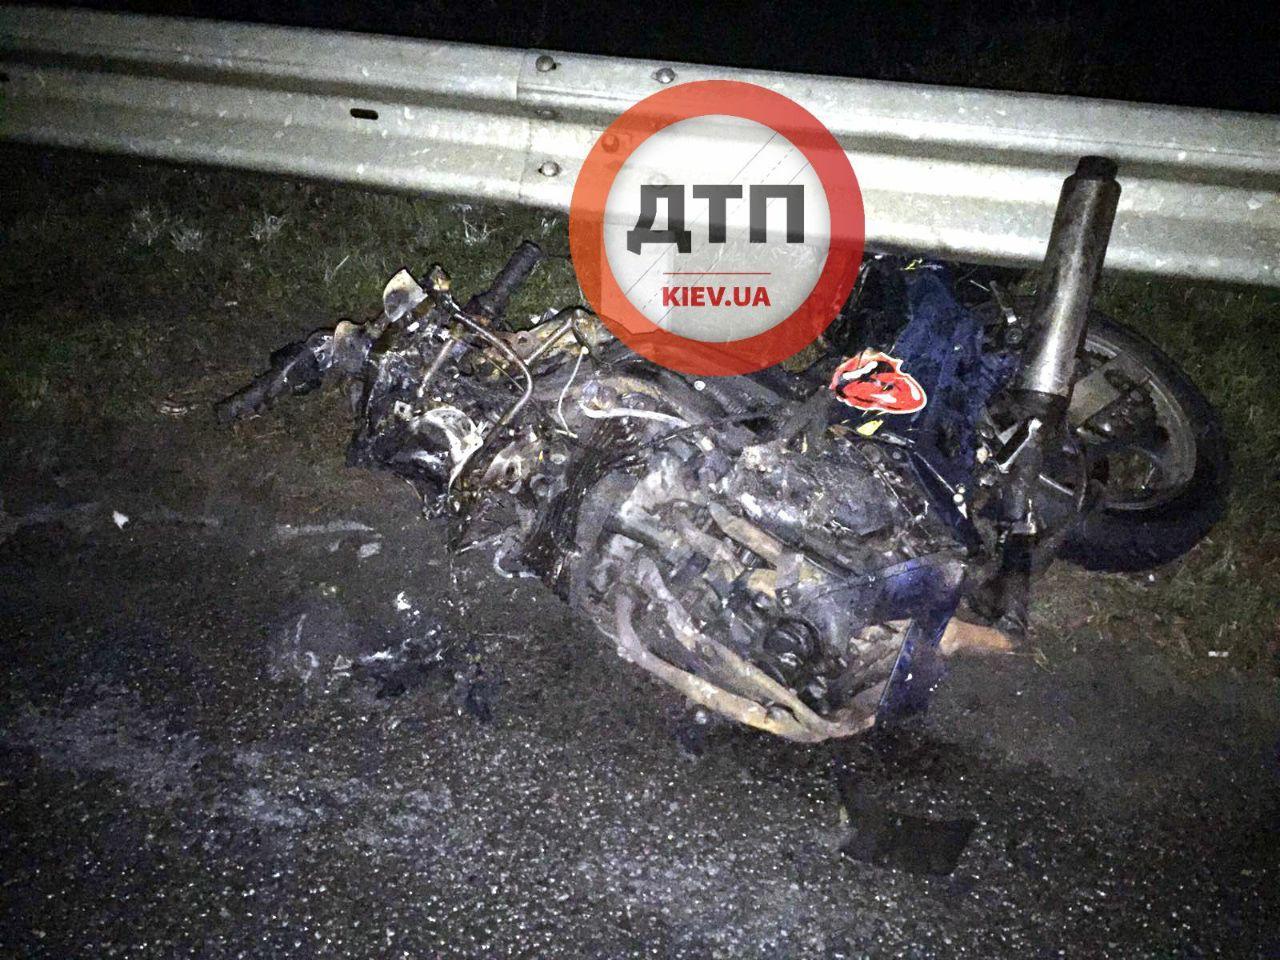 Нічна ДТП з мотоциклом під Києвом: байкер та його пасажирка загинули миттєво - купа металу і фрагменти тіл - today.ua